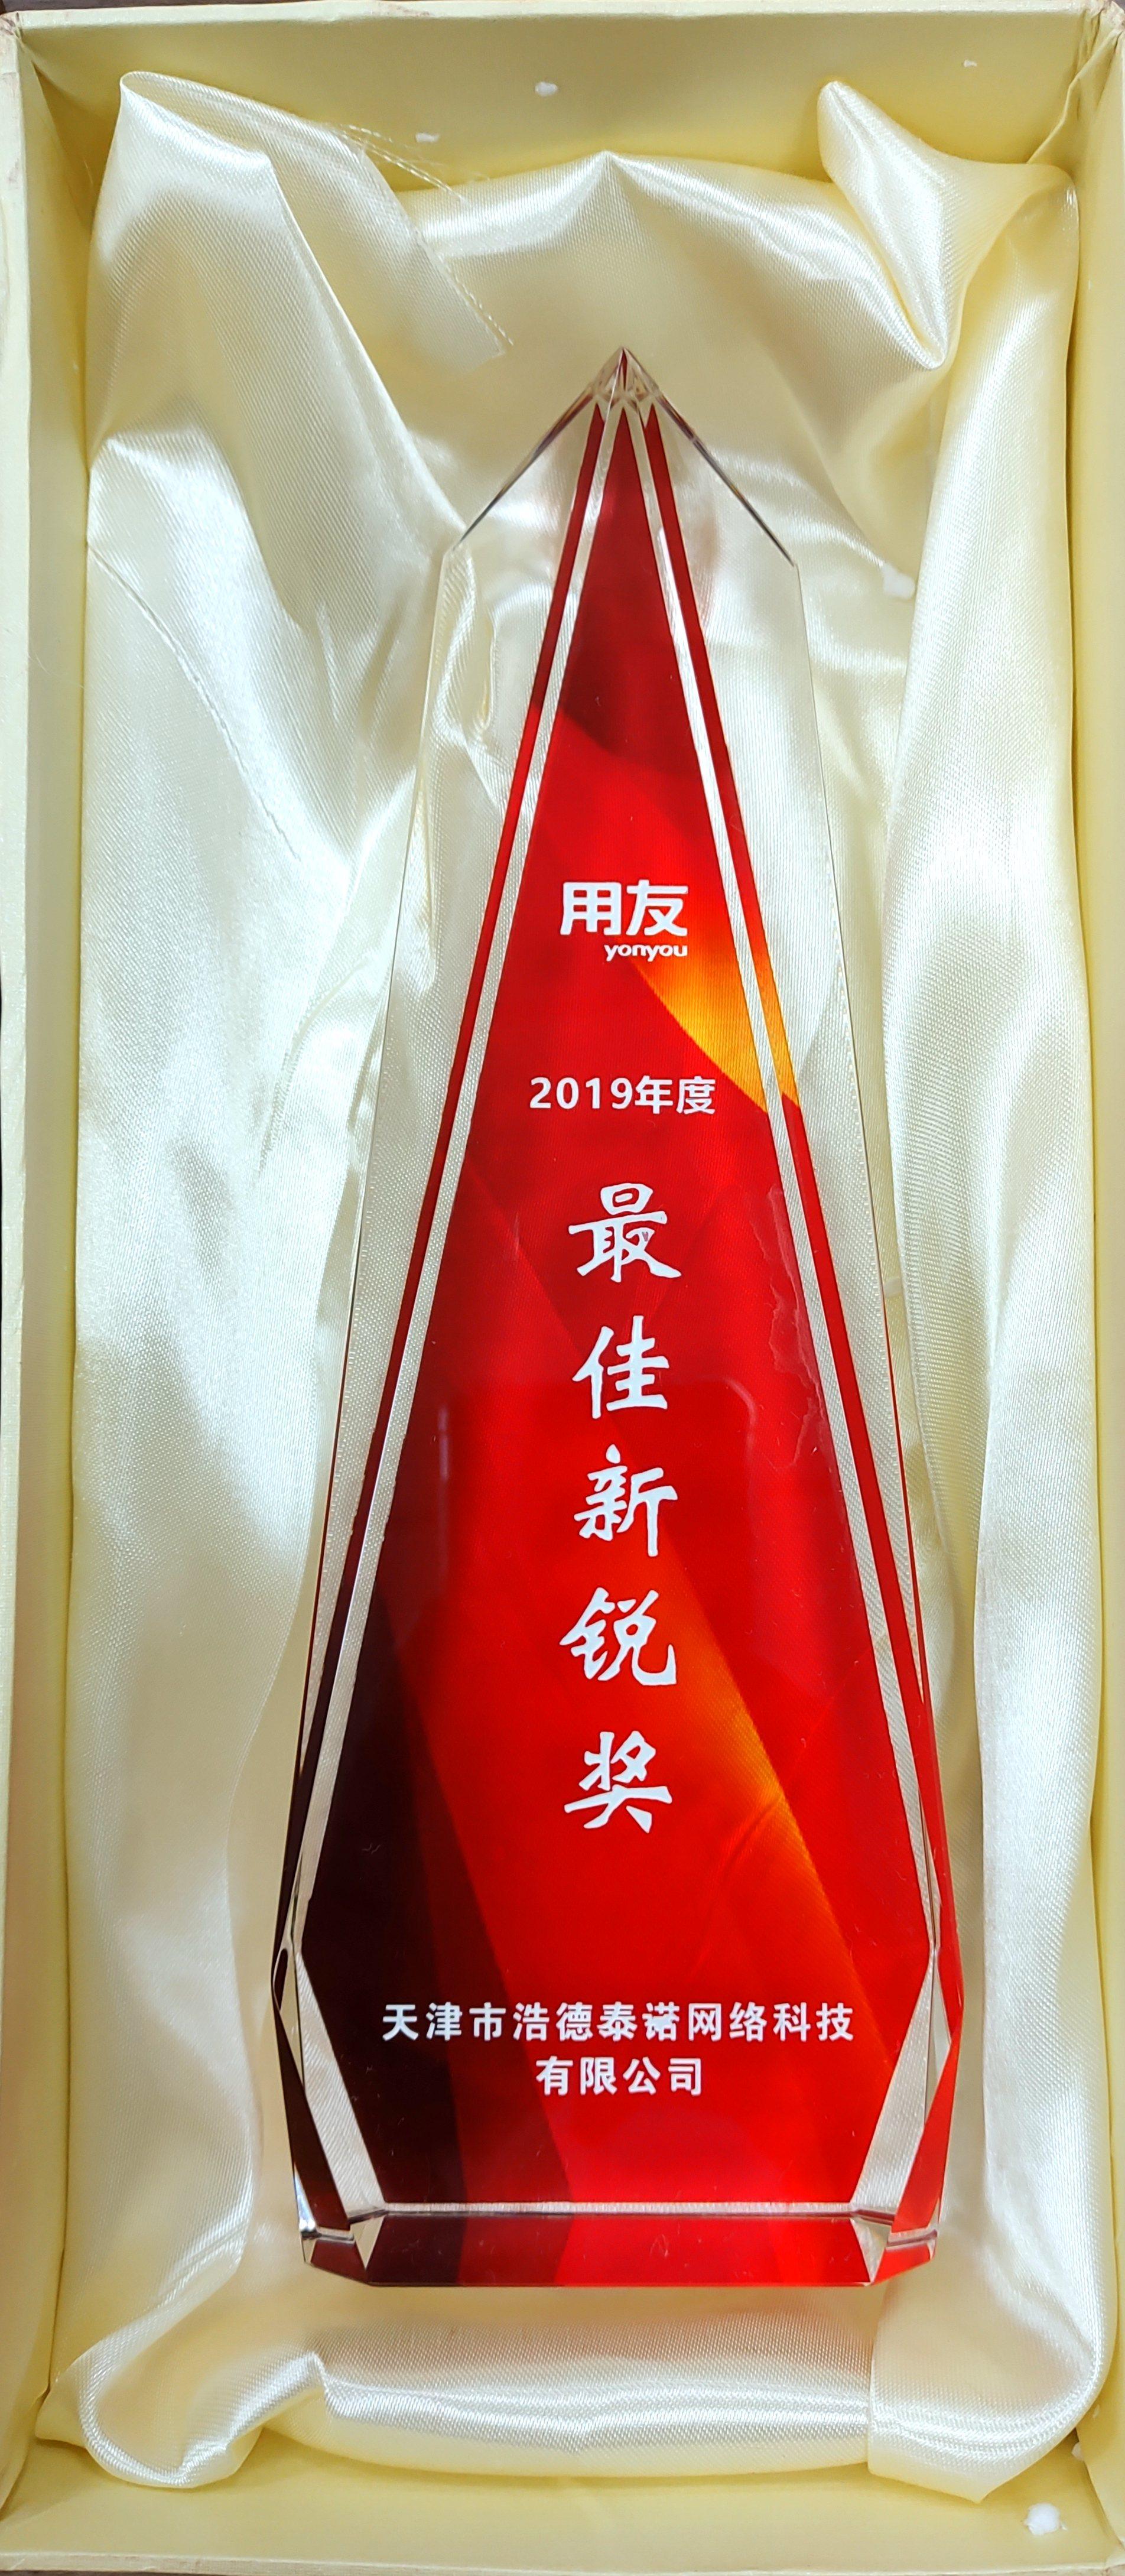 """天津市浩德泰诺网络科技有限公司 获得2019年度""""用友最佳新锐奖""""殊荣"""